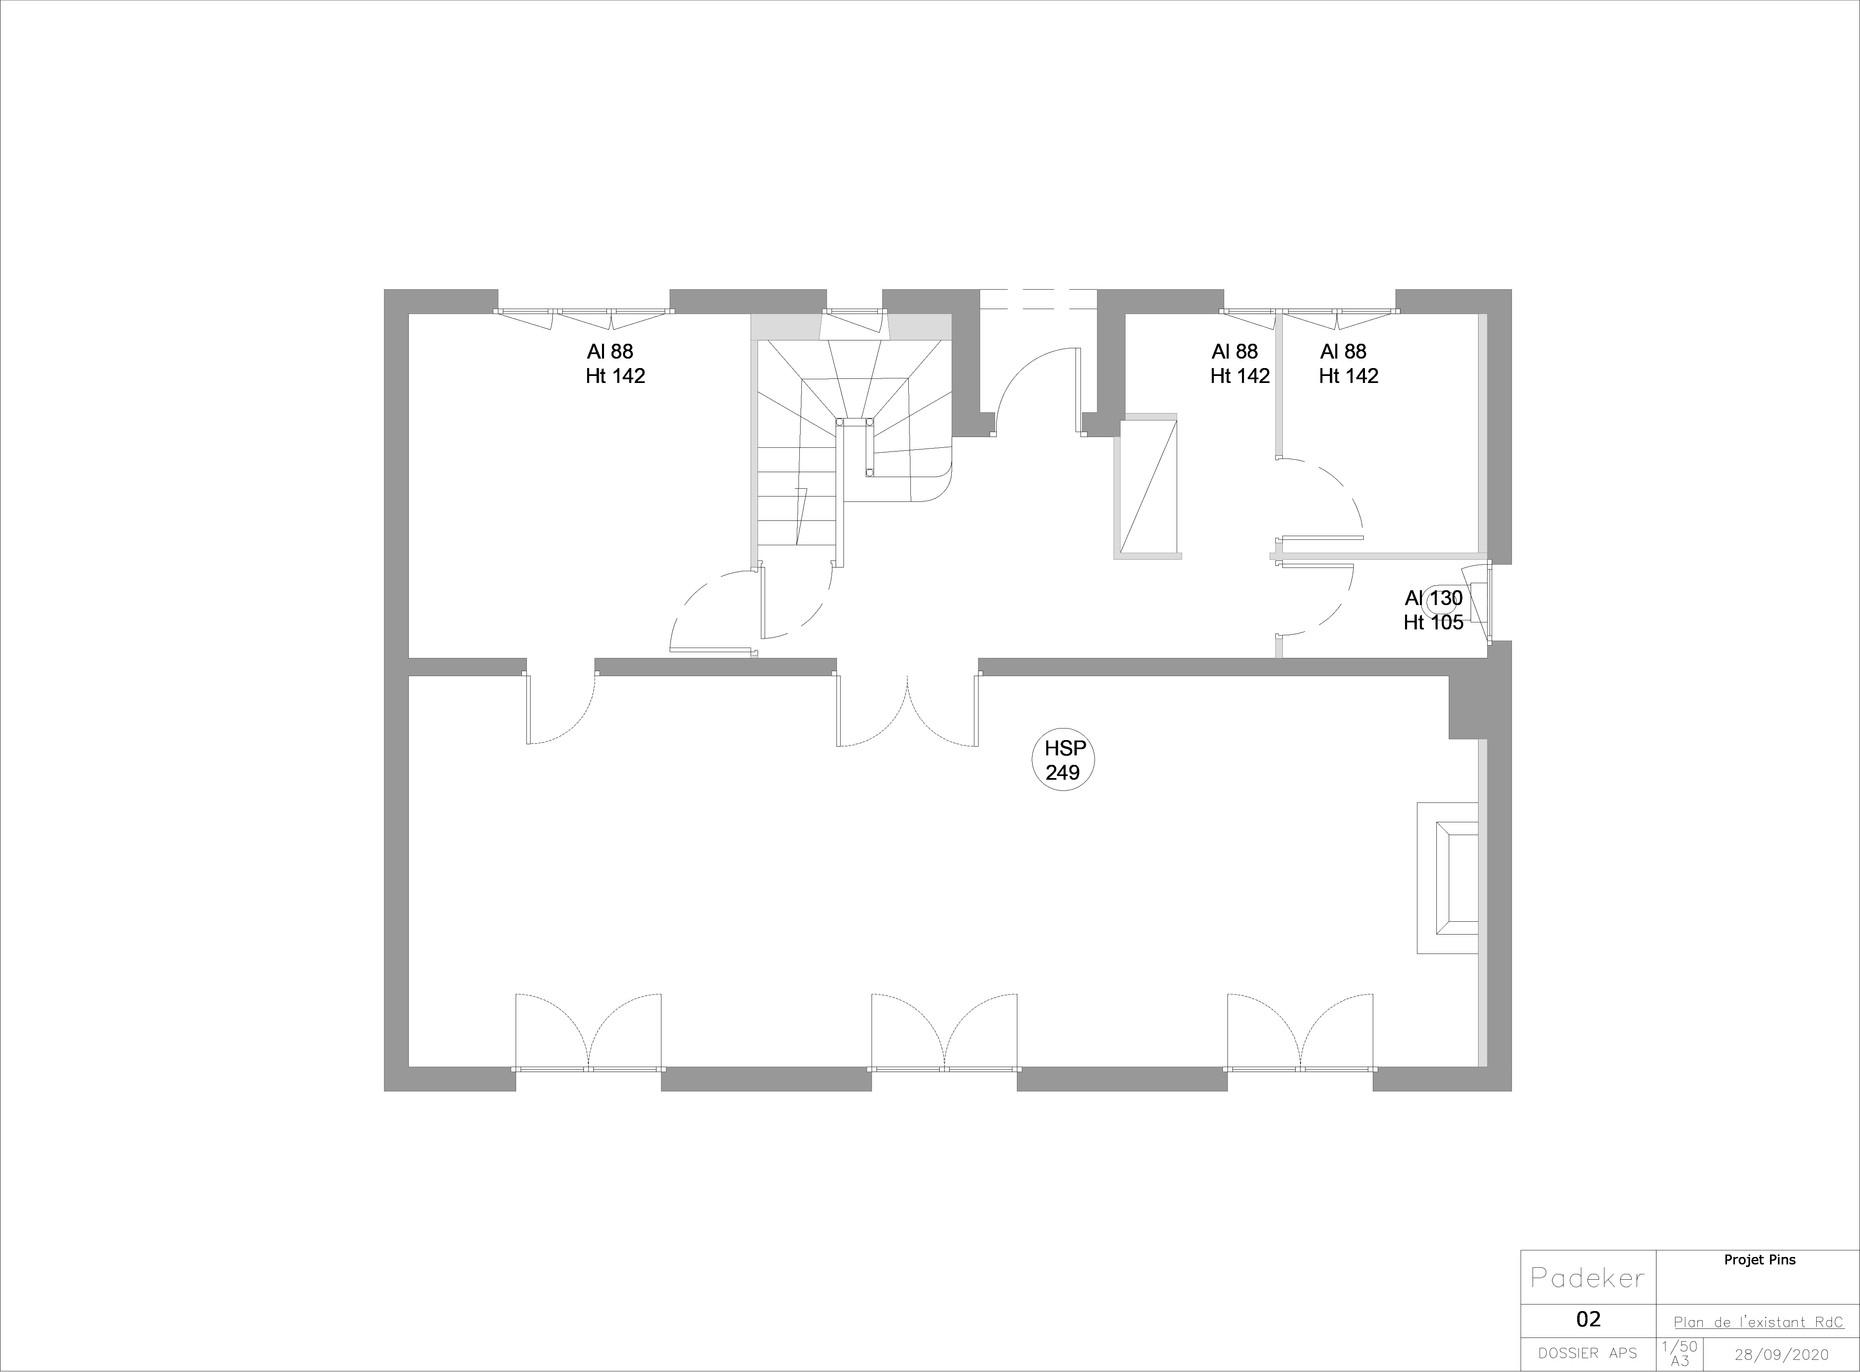 Projet-Pins-200809-02-Plan-de-l'etat-exi